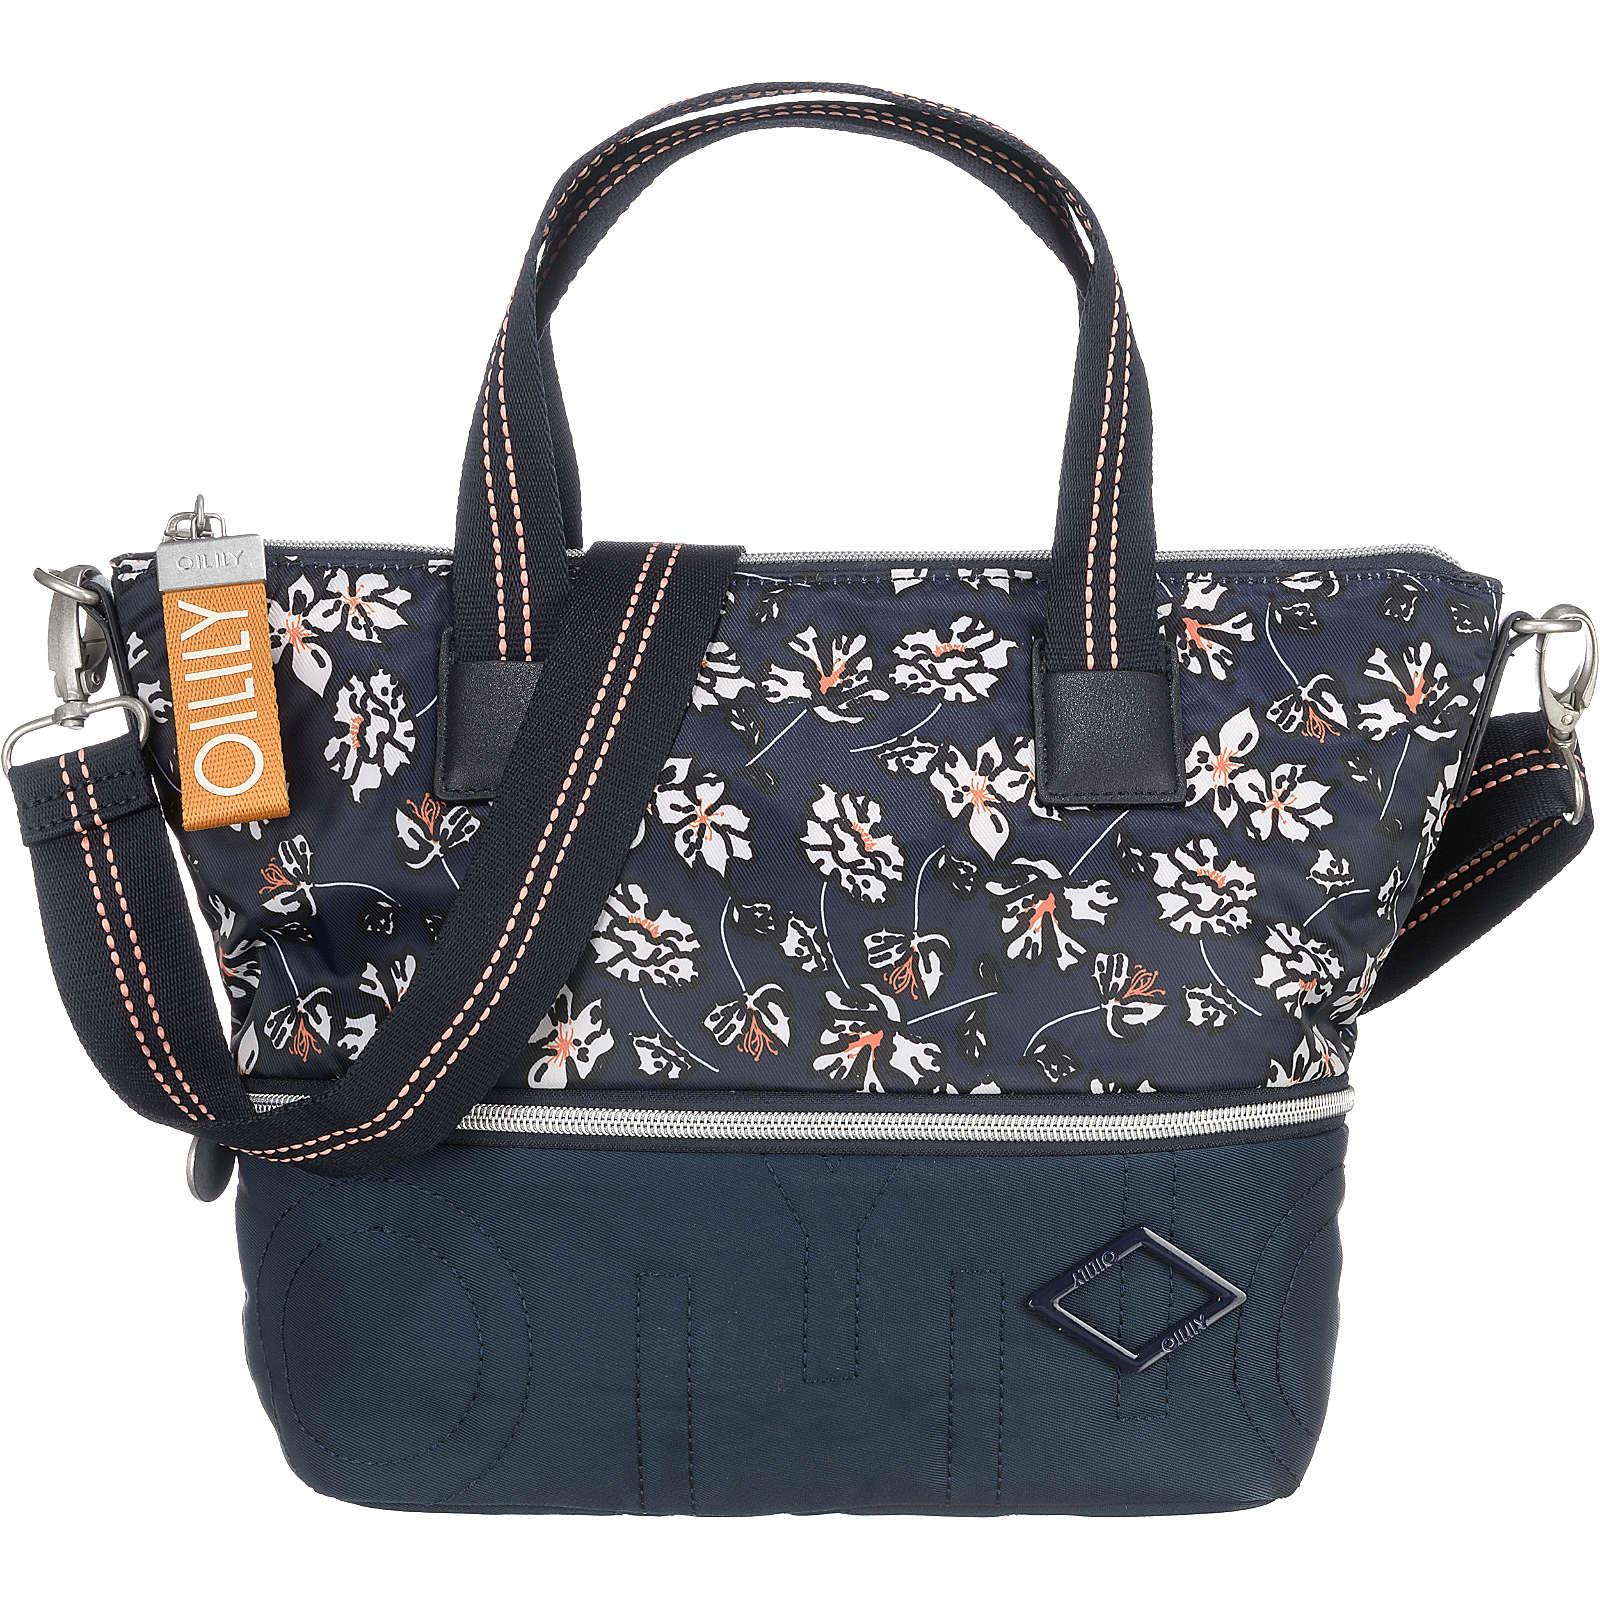 Oilily Charm Handtasche dunkelblau Damen